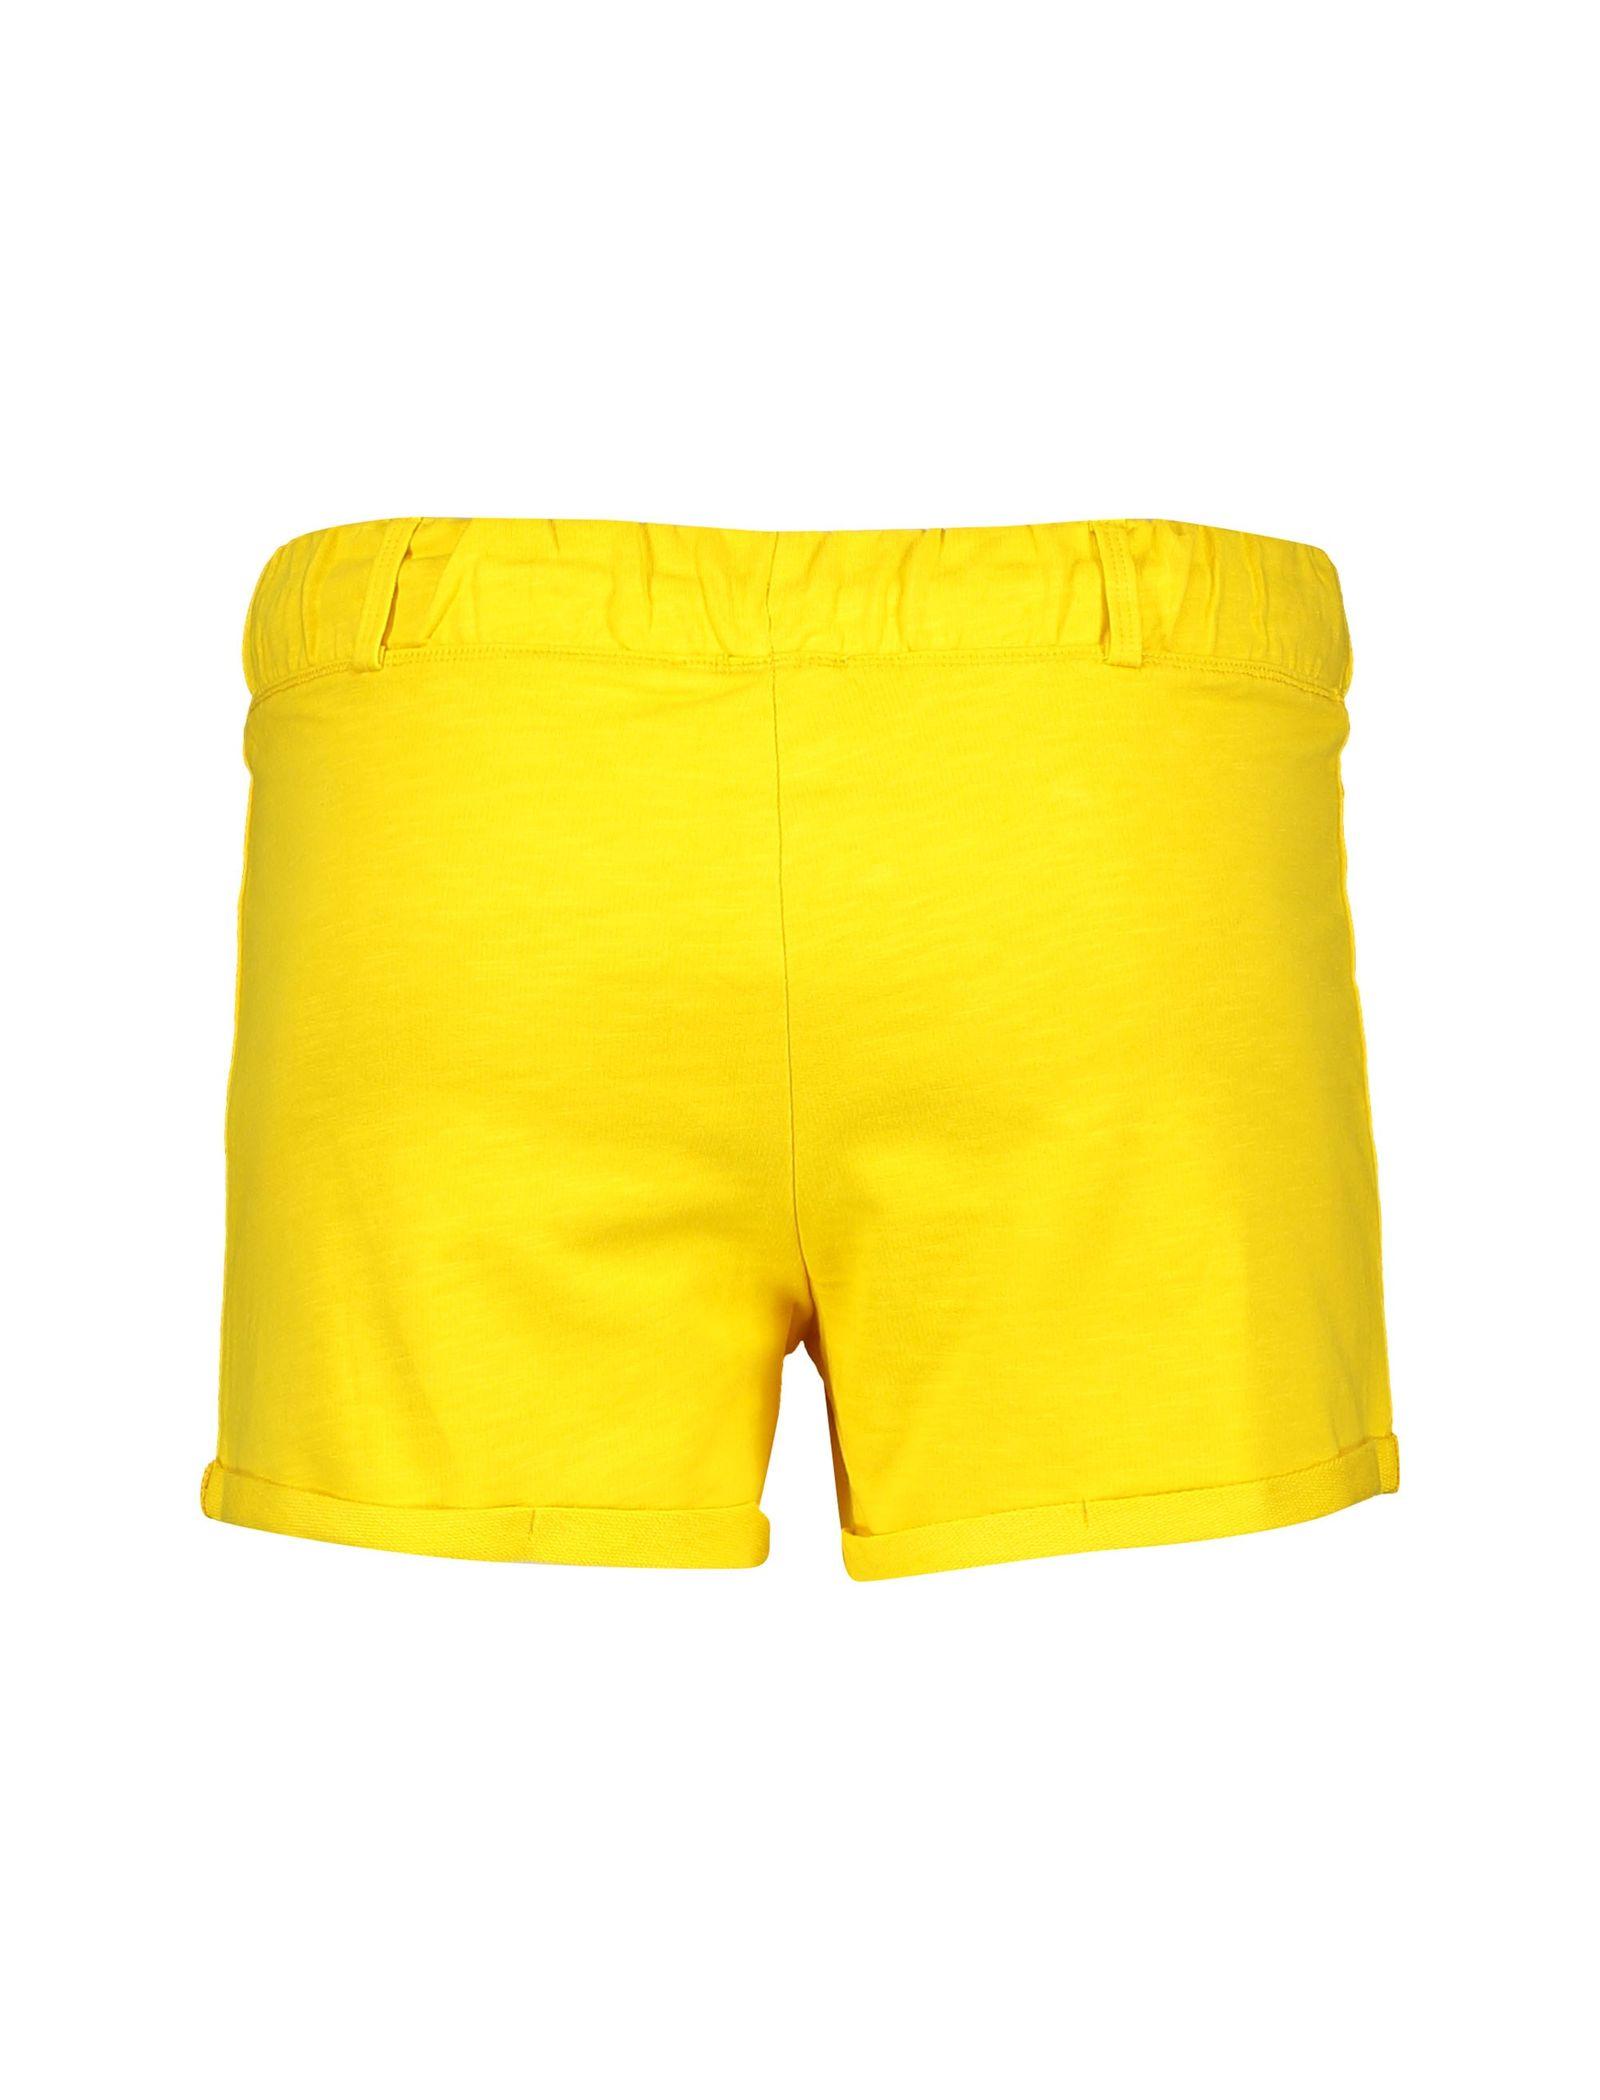 شلوارک نخی ساده دخترانه - یوپیم - زرد - 2